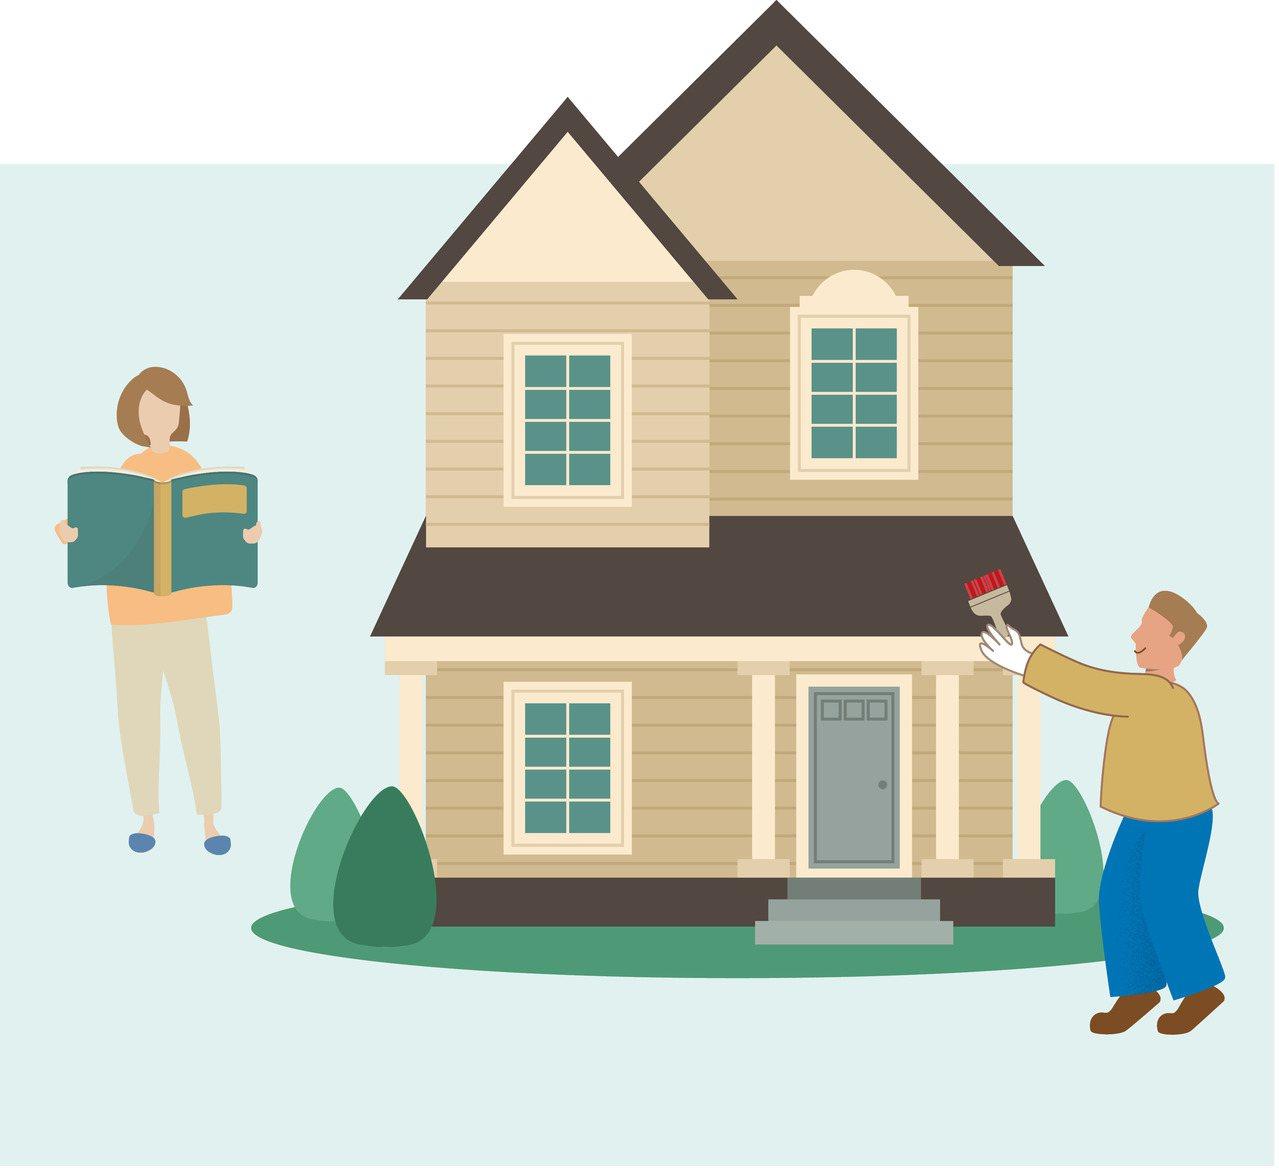 以房養老未來每月可貸得多少生活費,取決於不動產的價值。